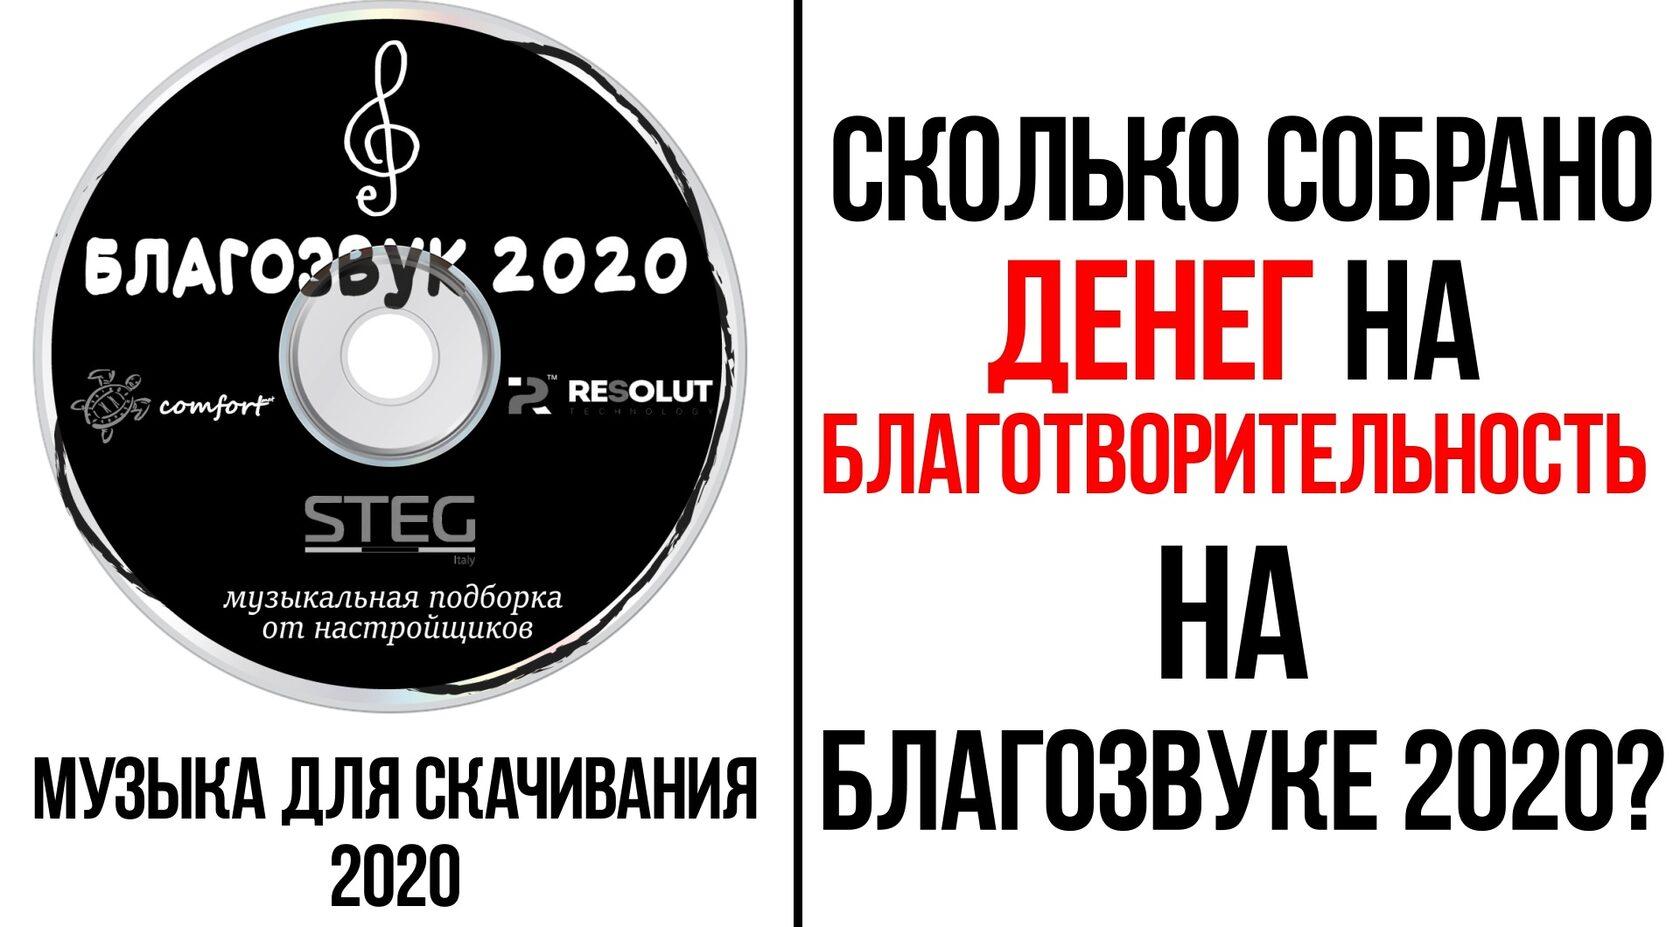 музыка для скачивания благозвук 2020